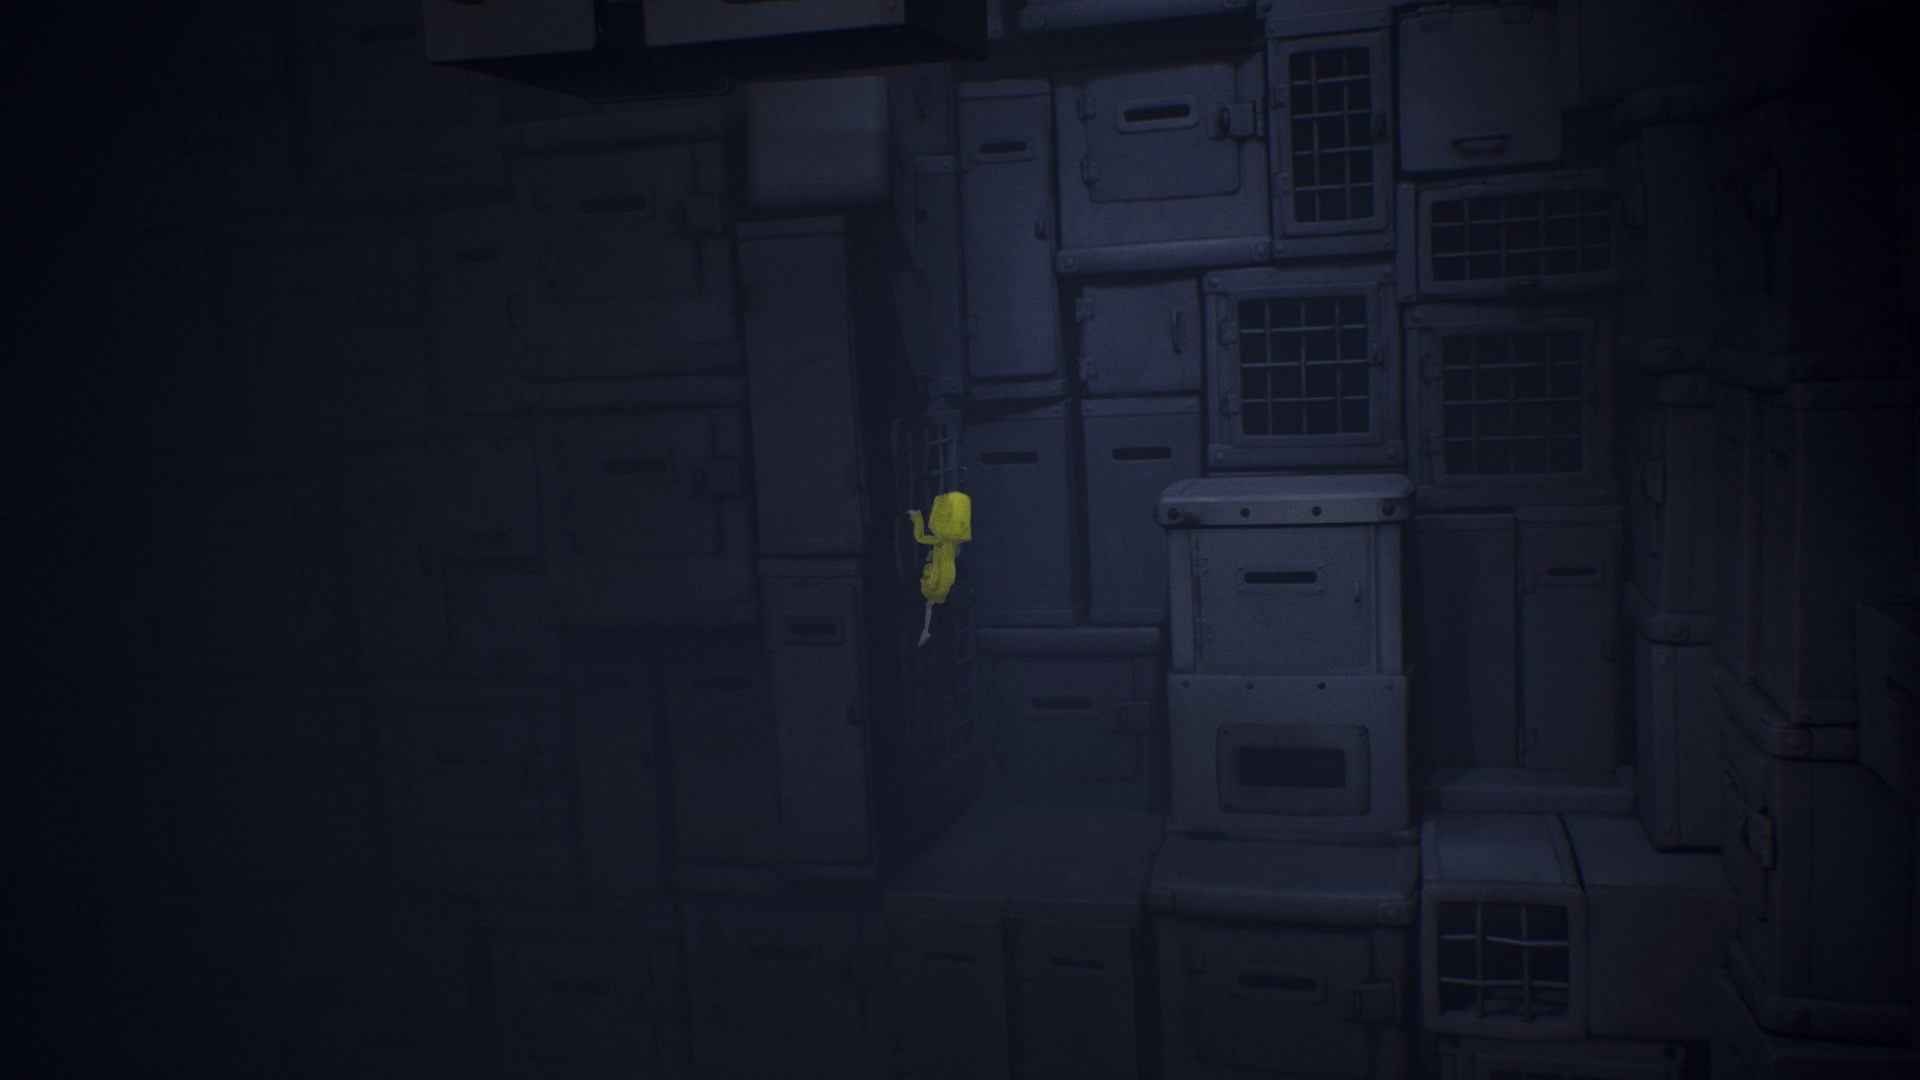 Wskocz na pudełka i cały czas wspinaj się do góry. - Przejście przez kratę pod napięciem | The Prison - Little Nightmares - poradnik do gry